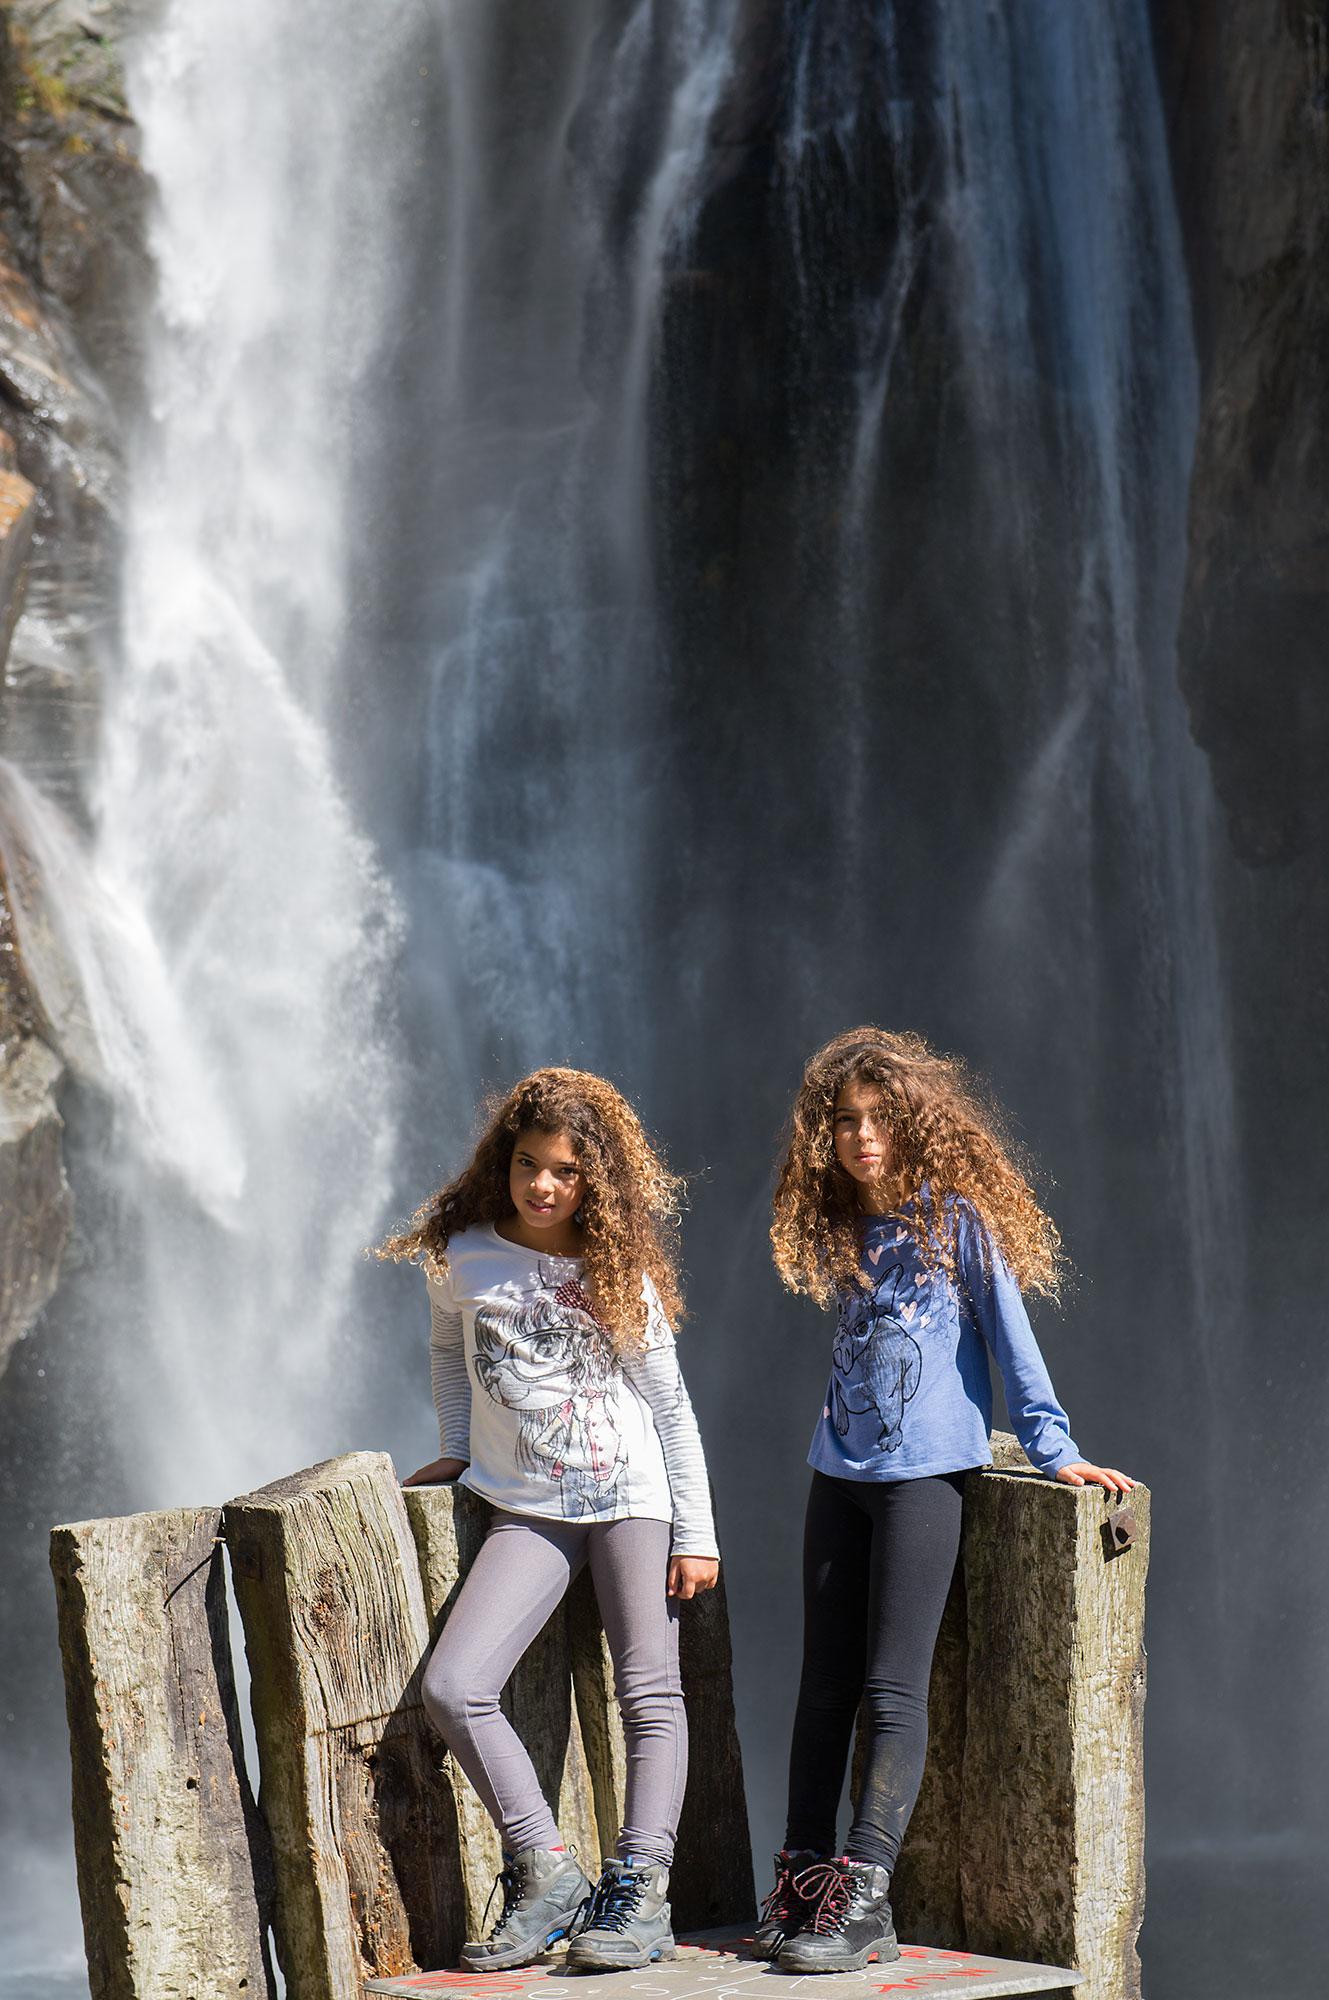 Cascata del Salto, Maggia Valley, Ticino Switzerland